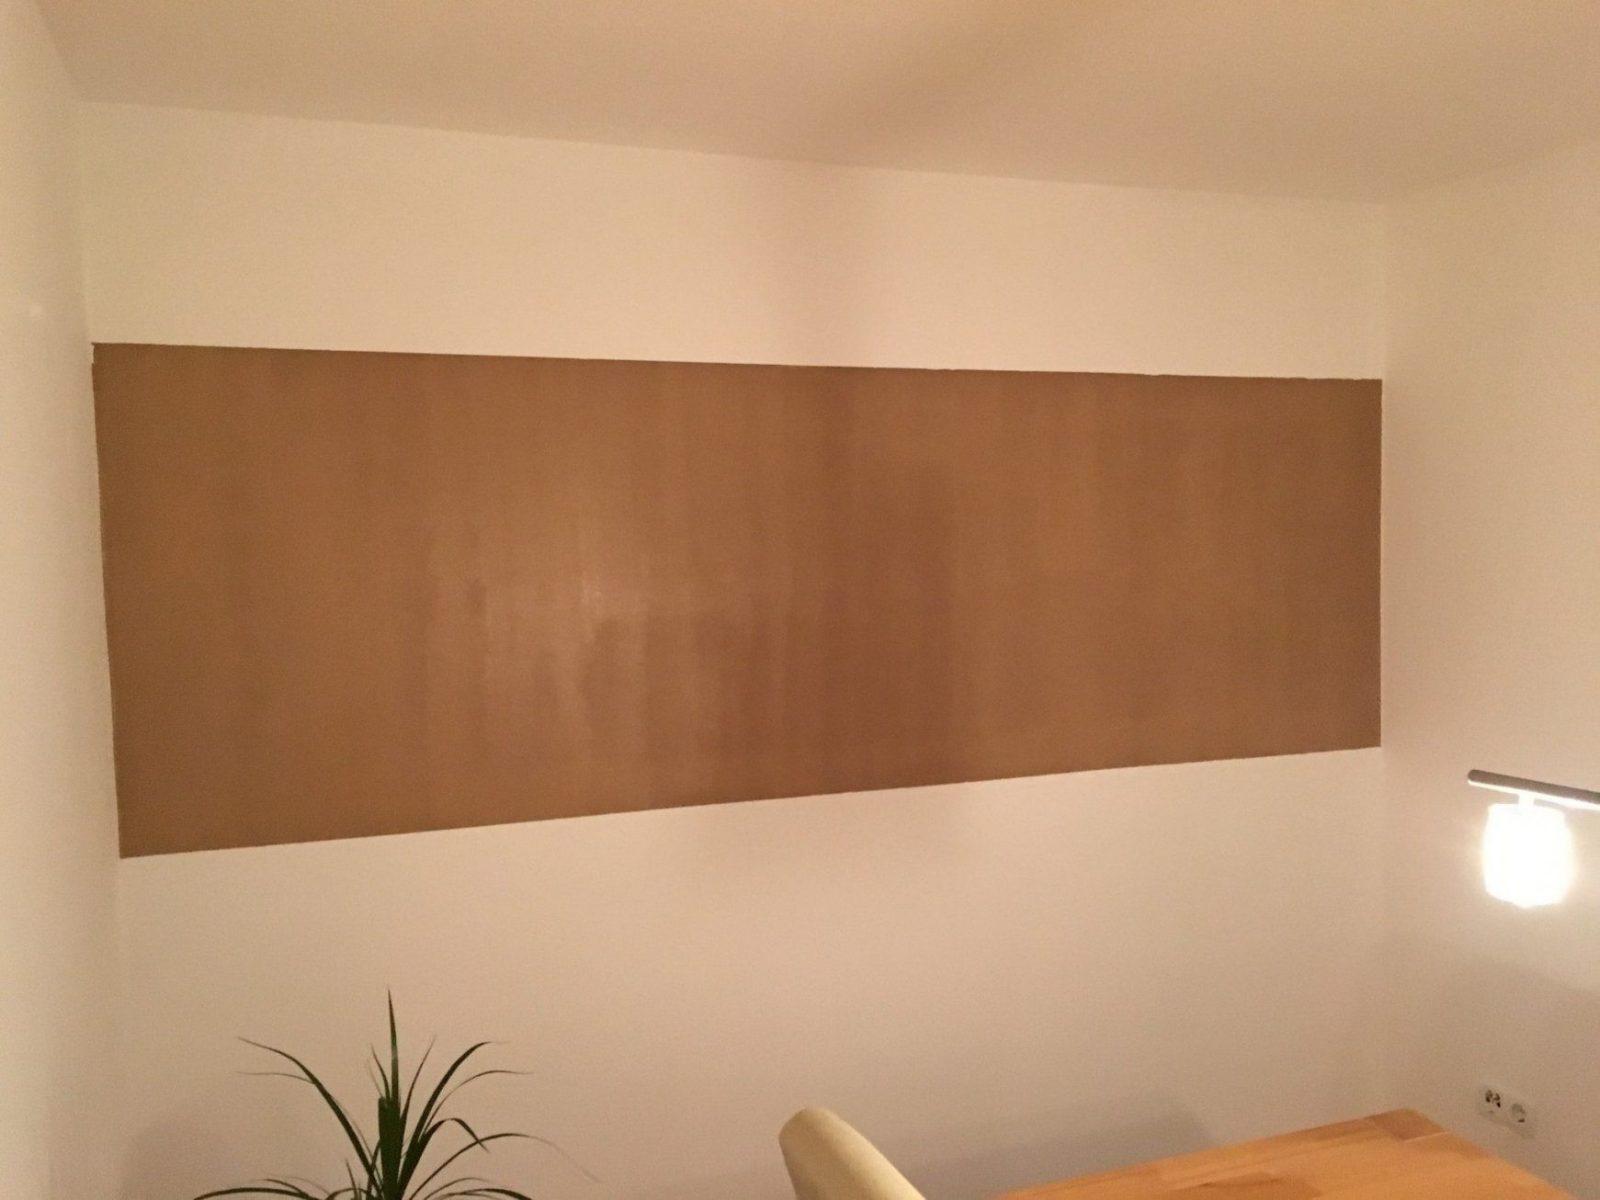 Saubere Kanten Bei Zweifarbiger Wand Streichen  So Geht Es von Wand Streichen Mit Rand Bild